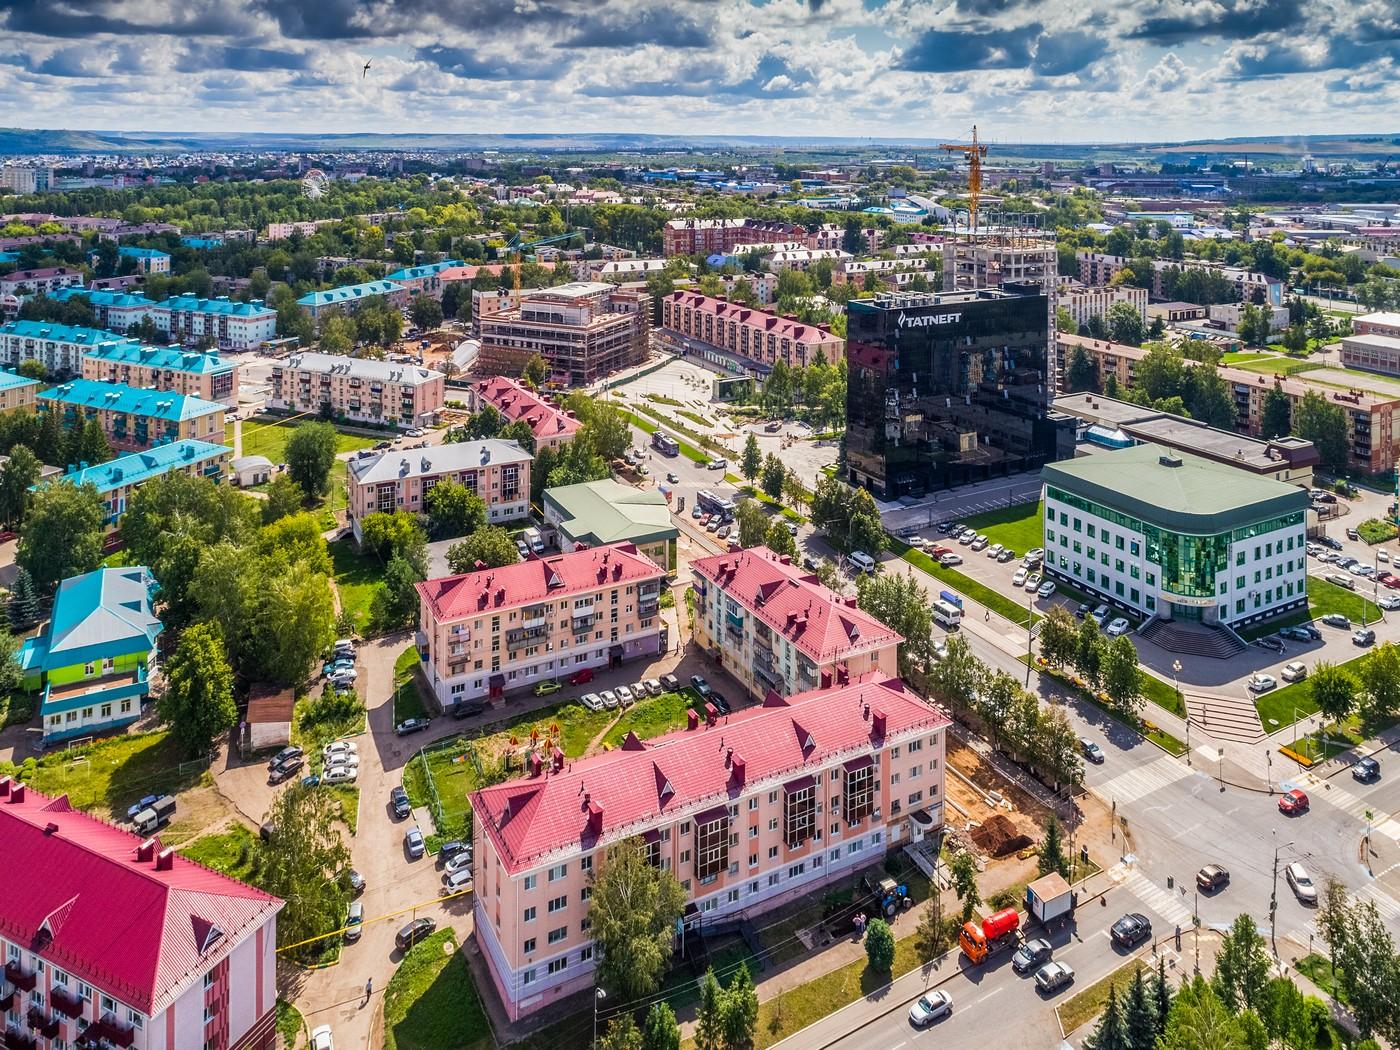 фото альметьевск фото города ангелочки